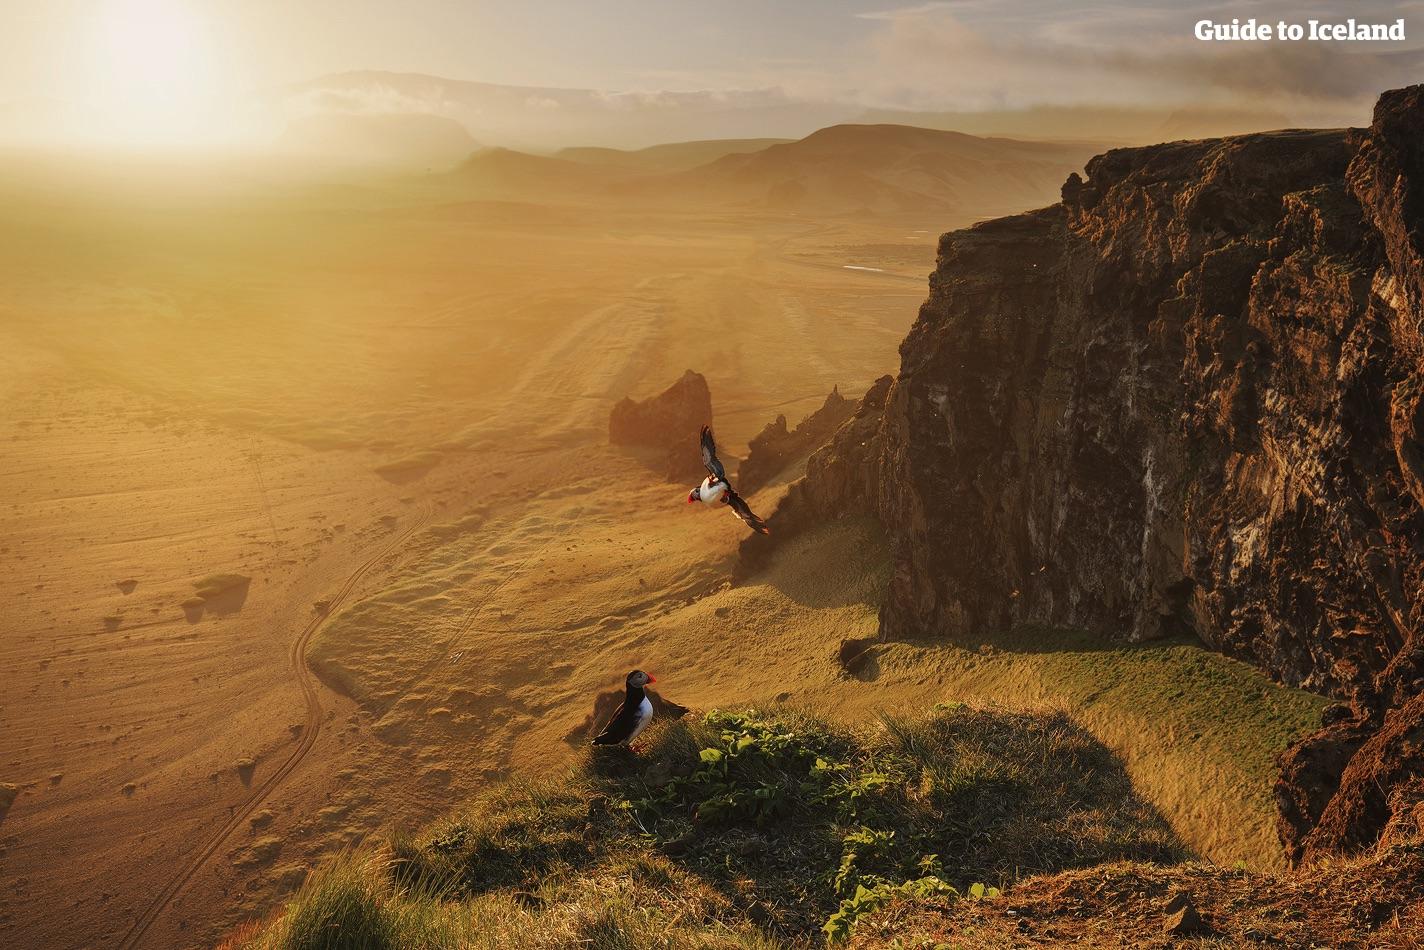 Søpapegøjer bygger deres reder i bakkerne på Reynisfjall på sydkysten af Island.